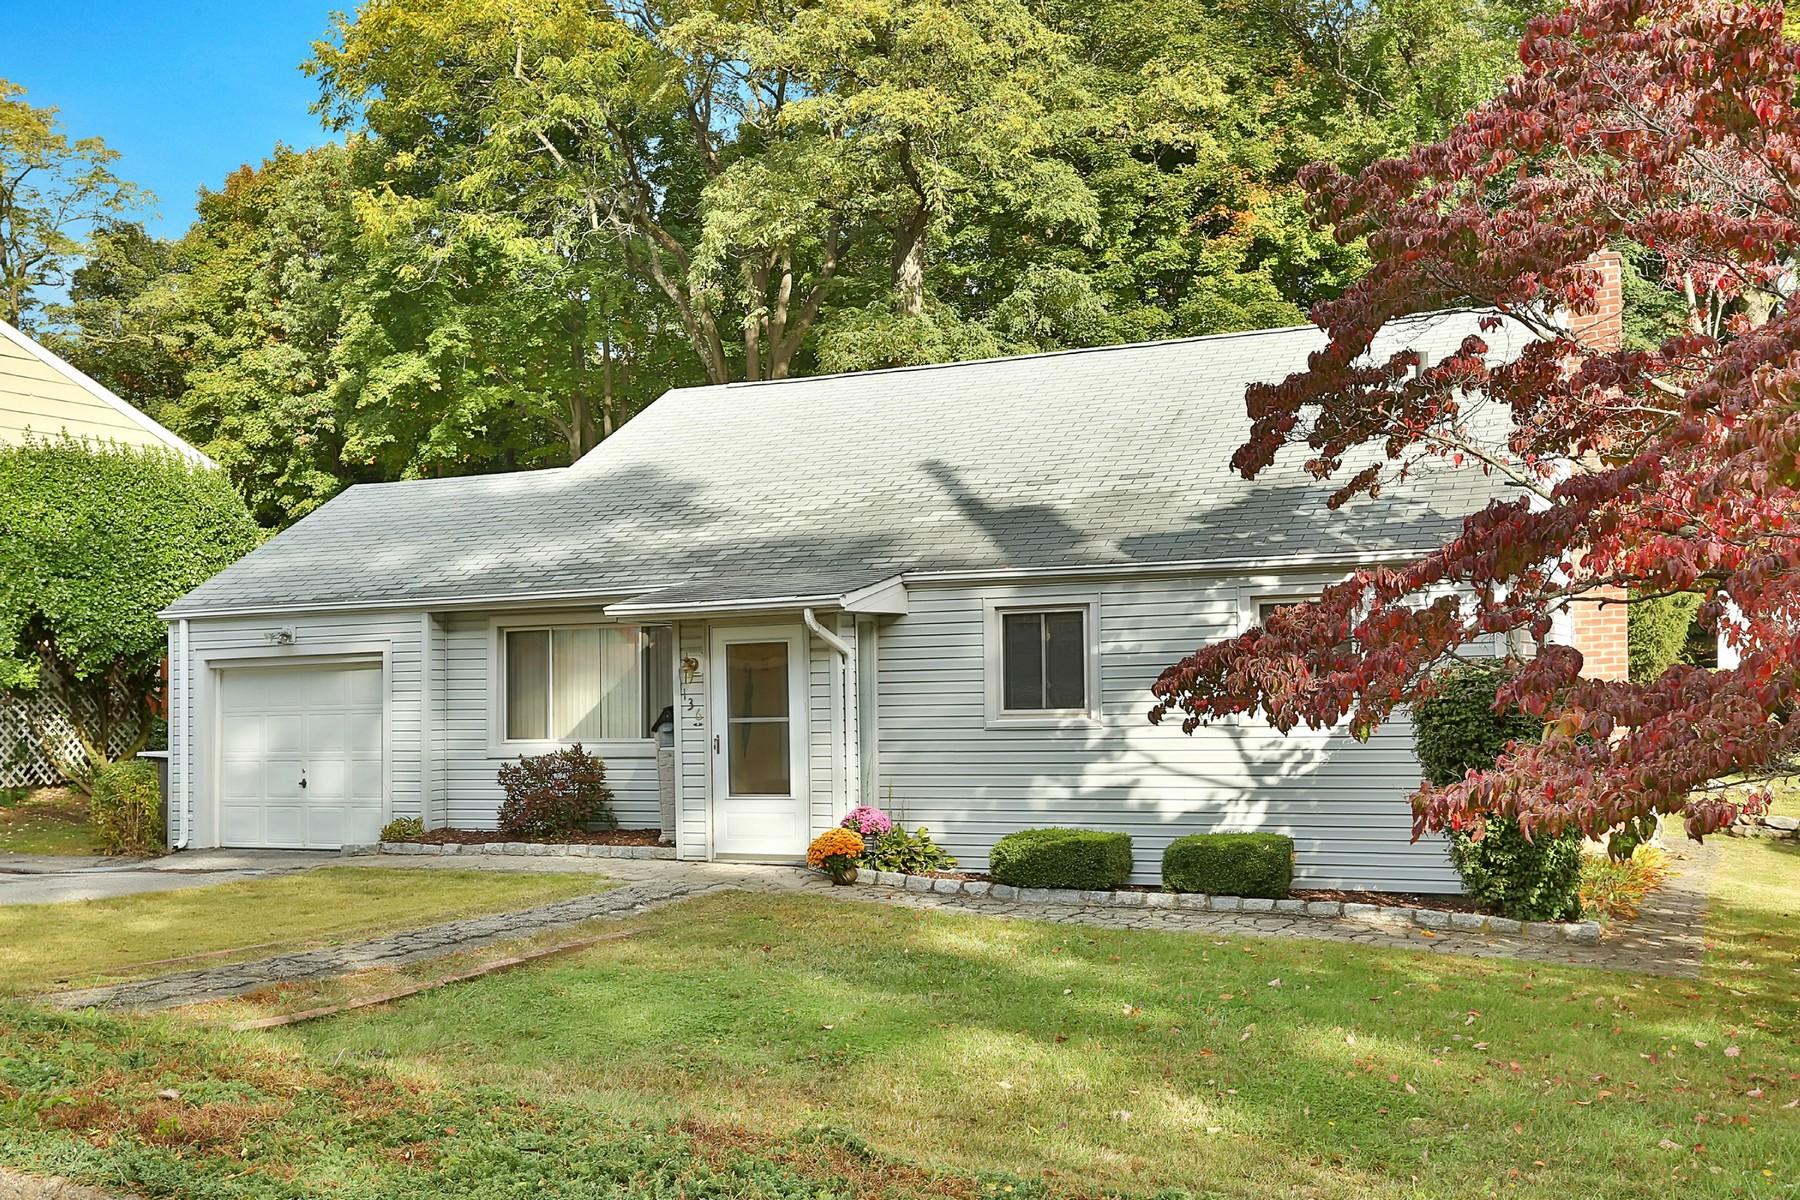 一戸建て のために 売買 アット Timeless Appeal 136 Overlook Avenue Peekskill, ニューヨーク 10566 アメリカ合衆国